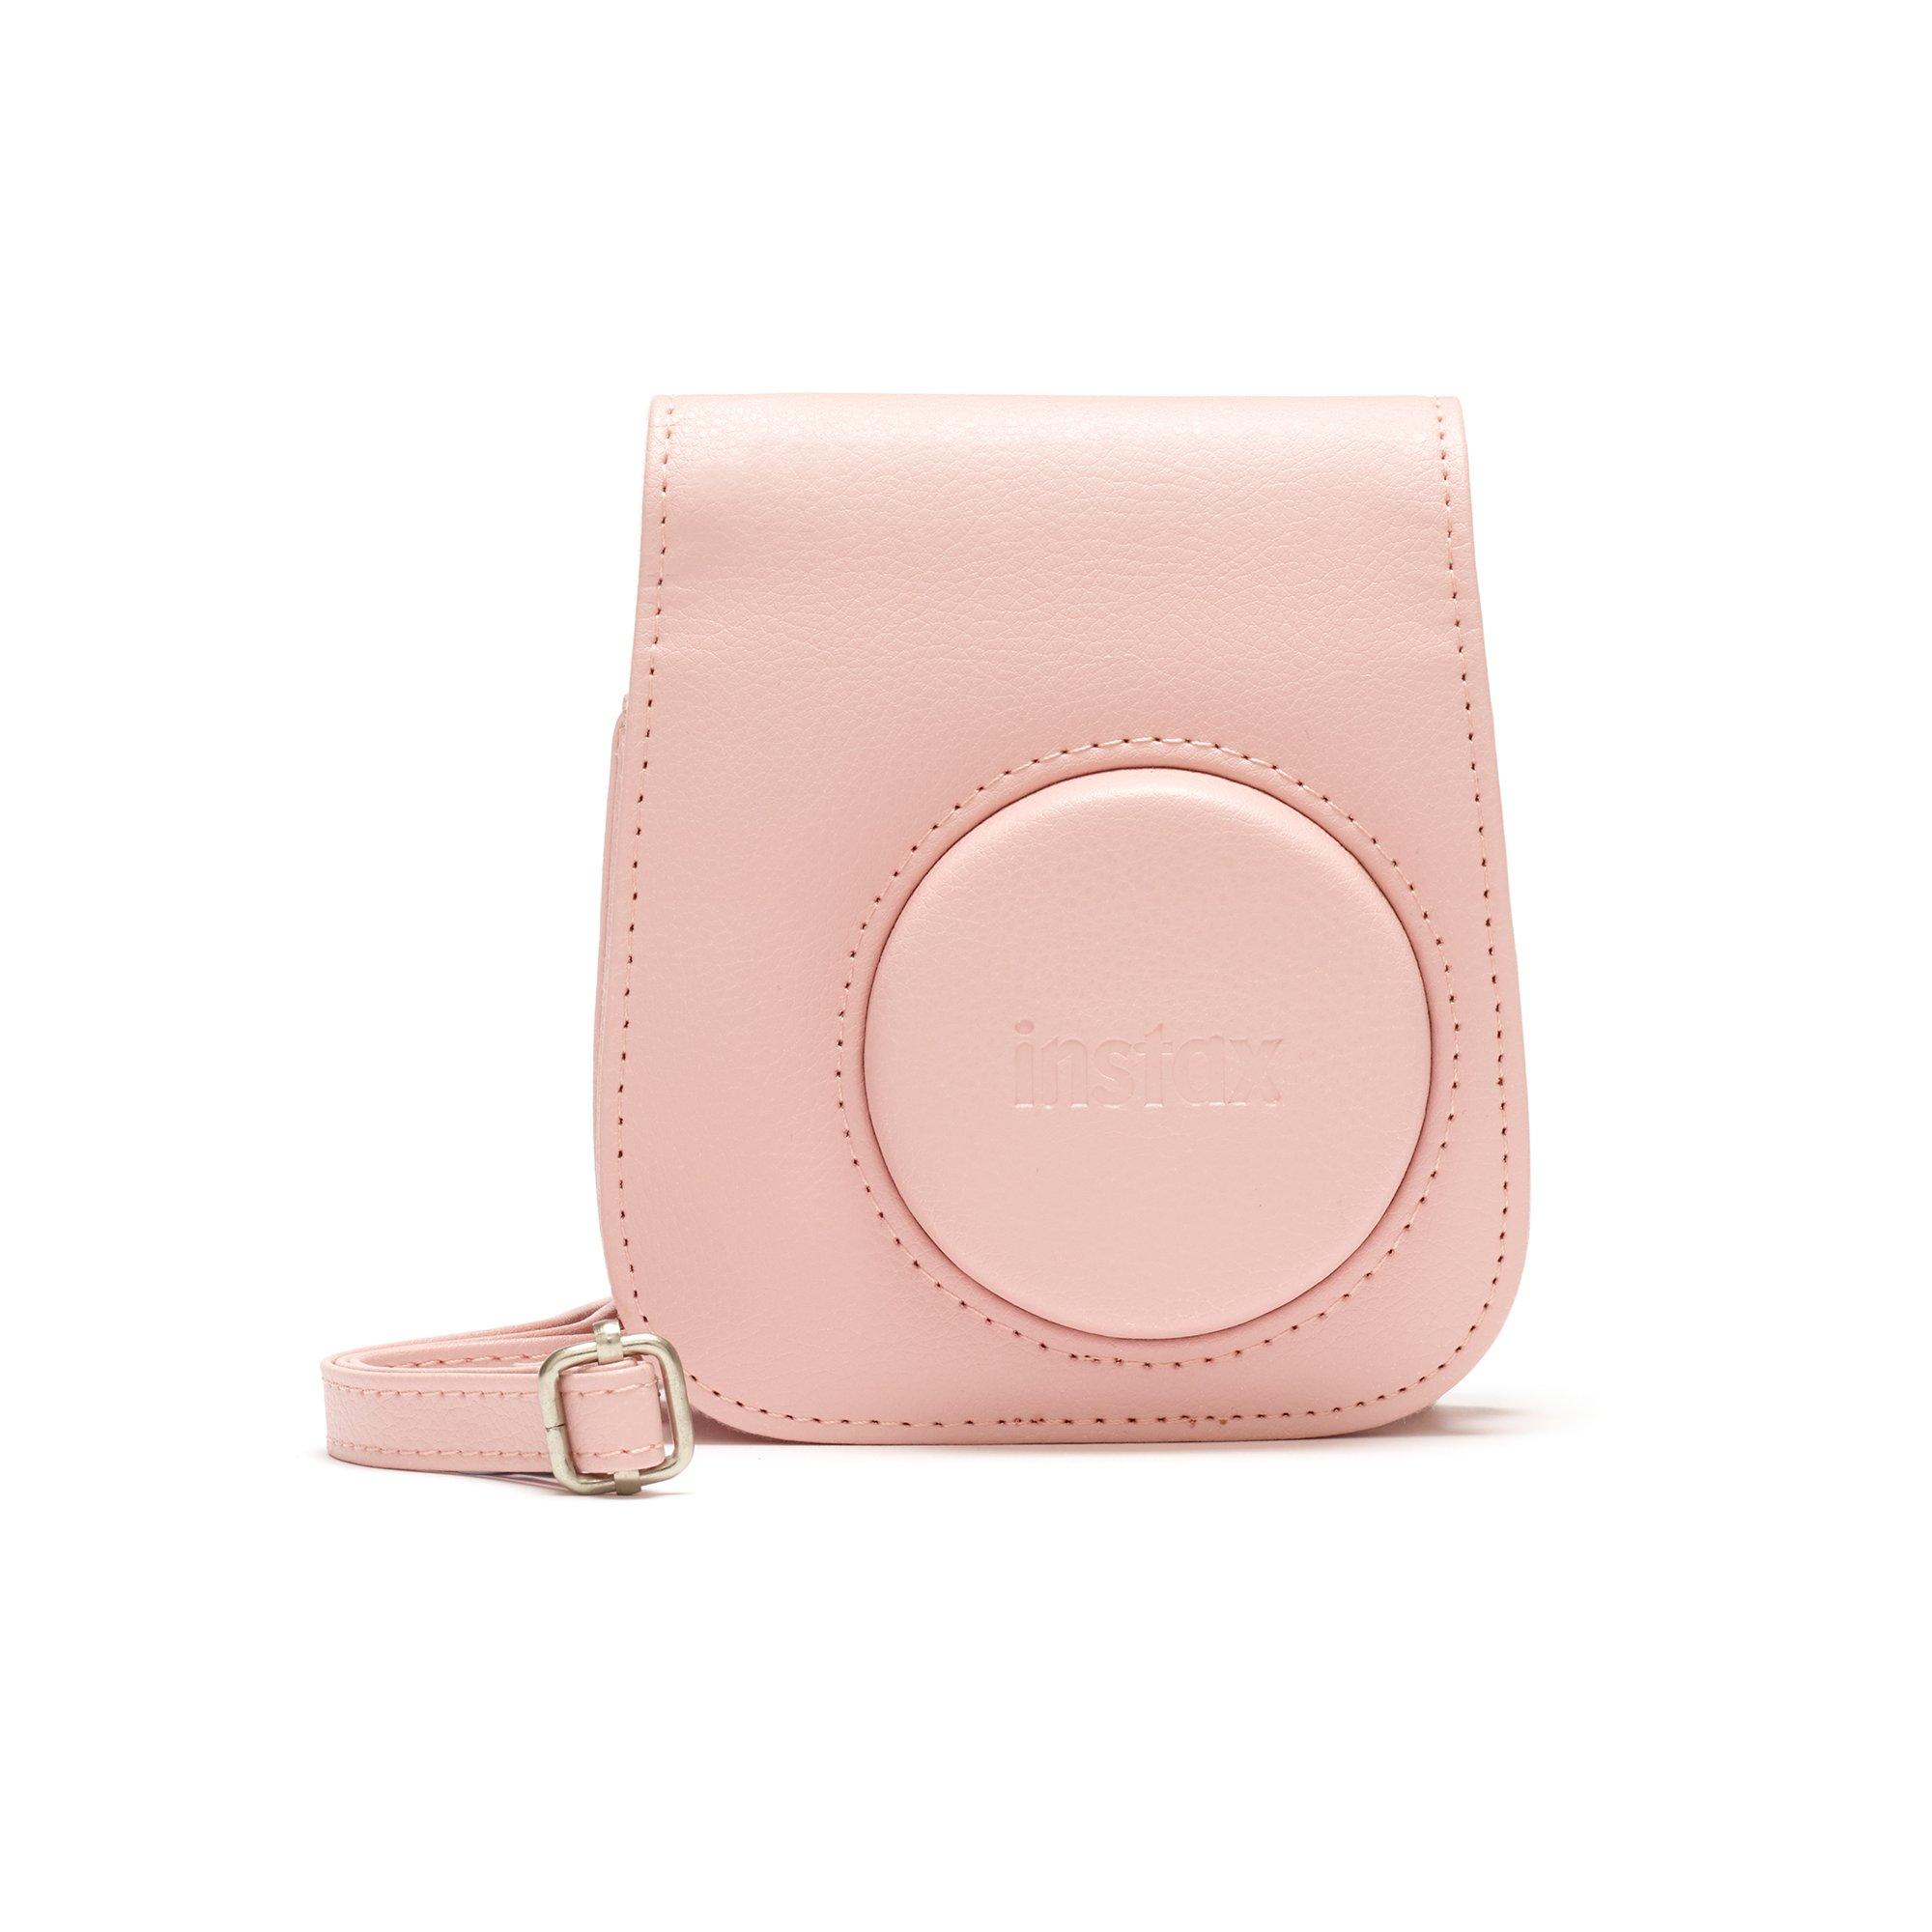 Accessoire kit instax mini 11 - Blush Pink